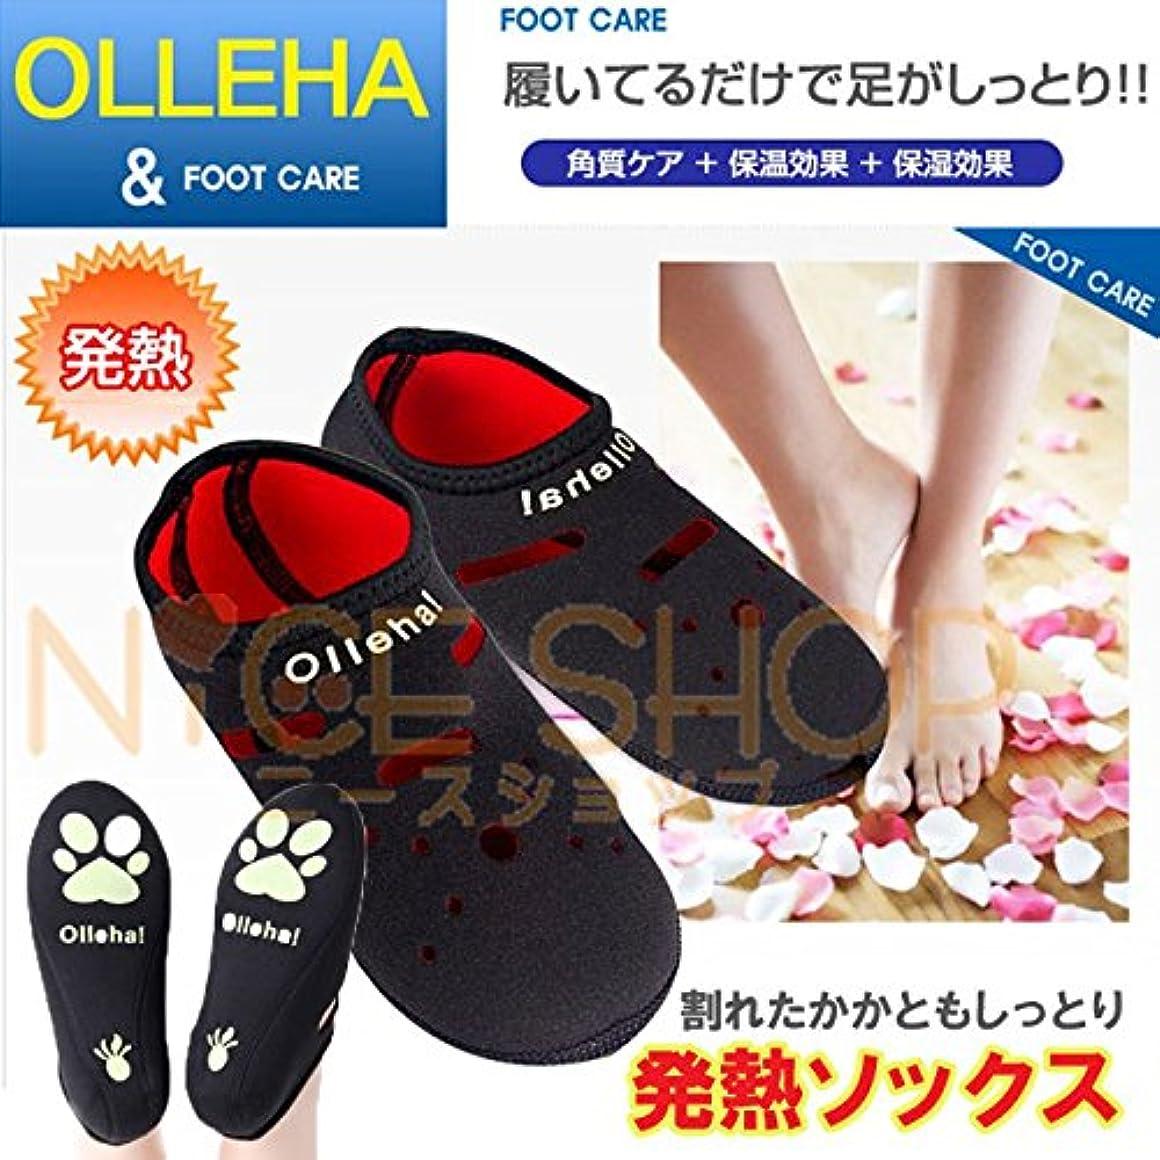 かき混ぜる伝記ハーブ発熱靴下(足袋)発熱ソックス、フットケアー Olleha! (S(22.0~23.0))